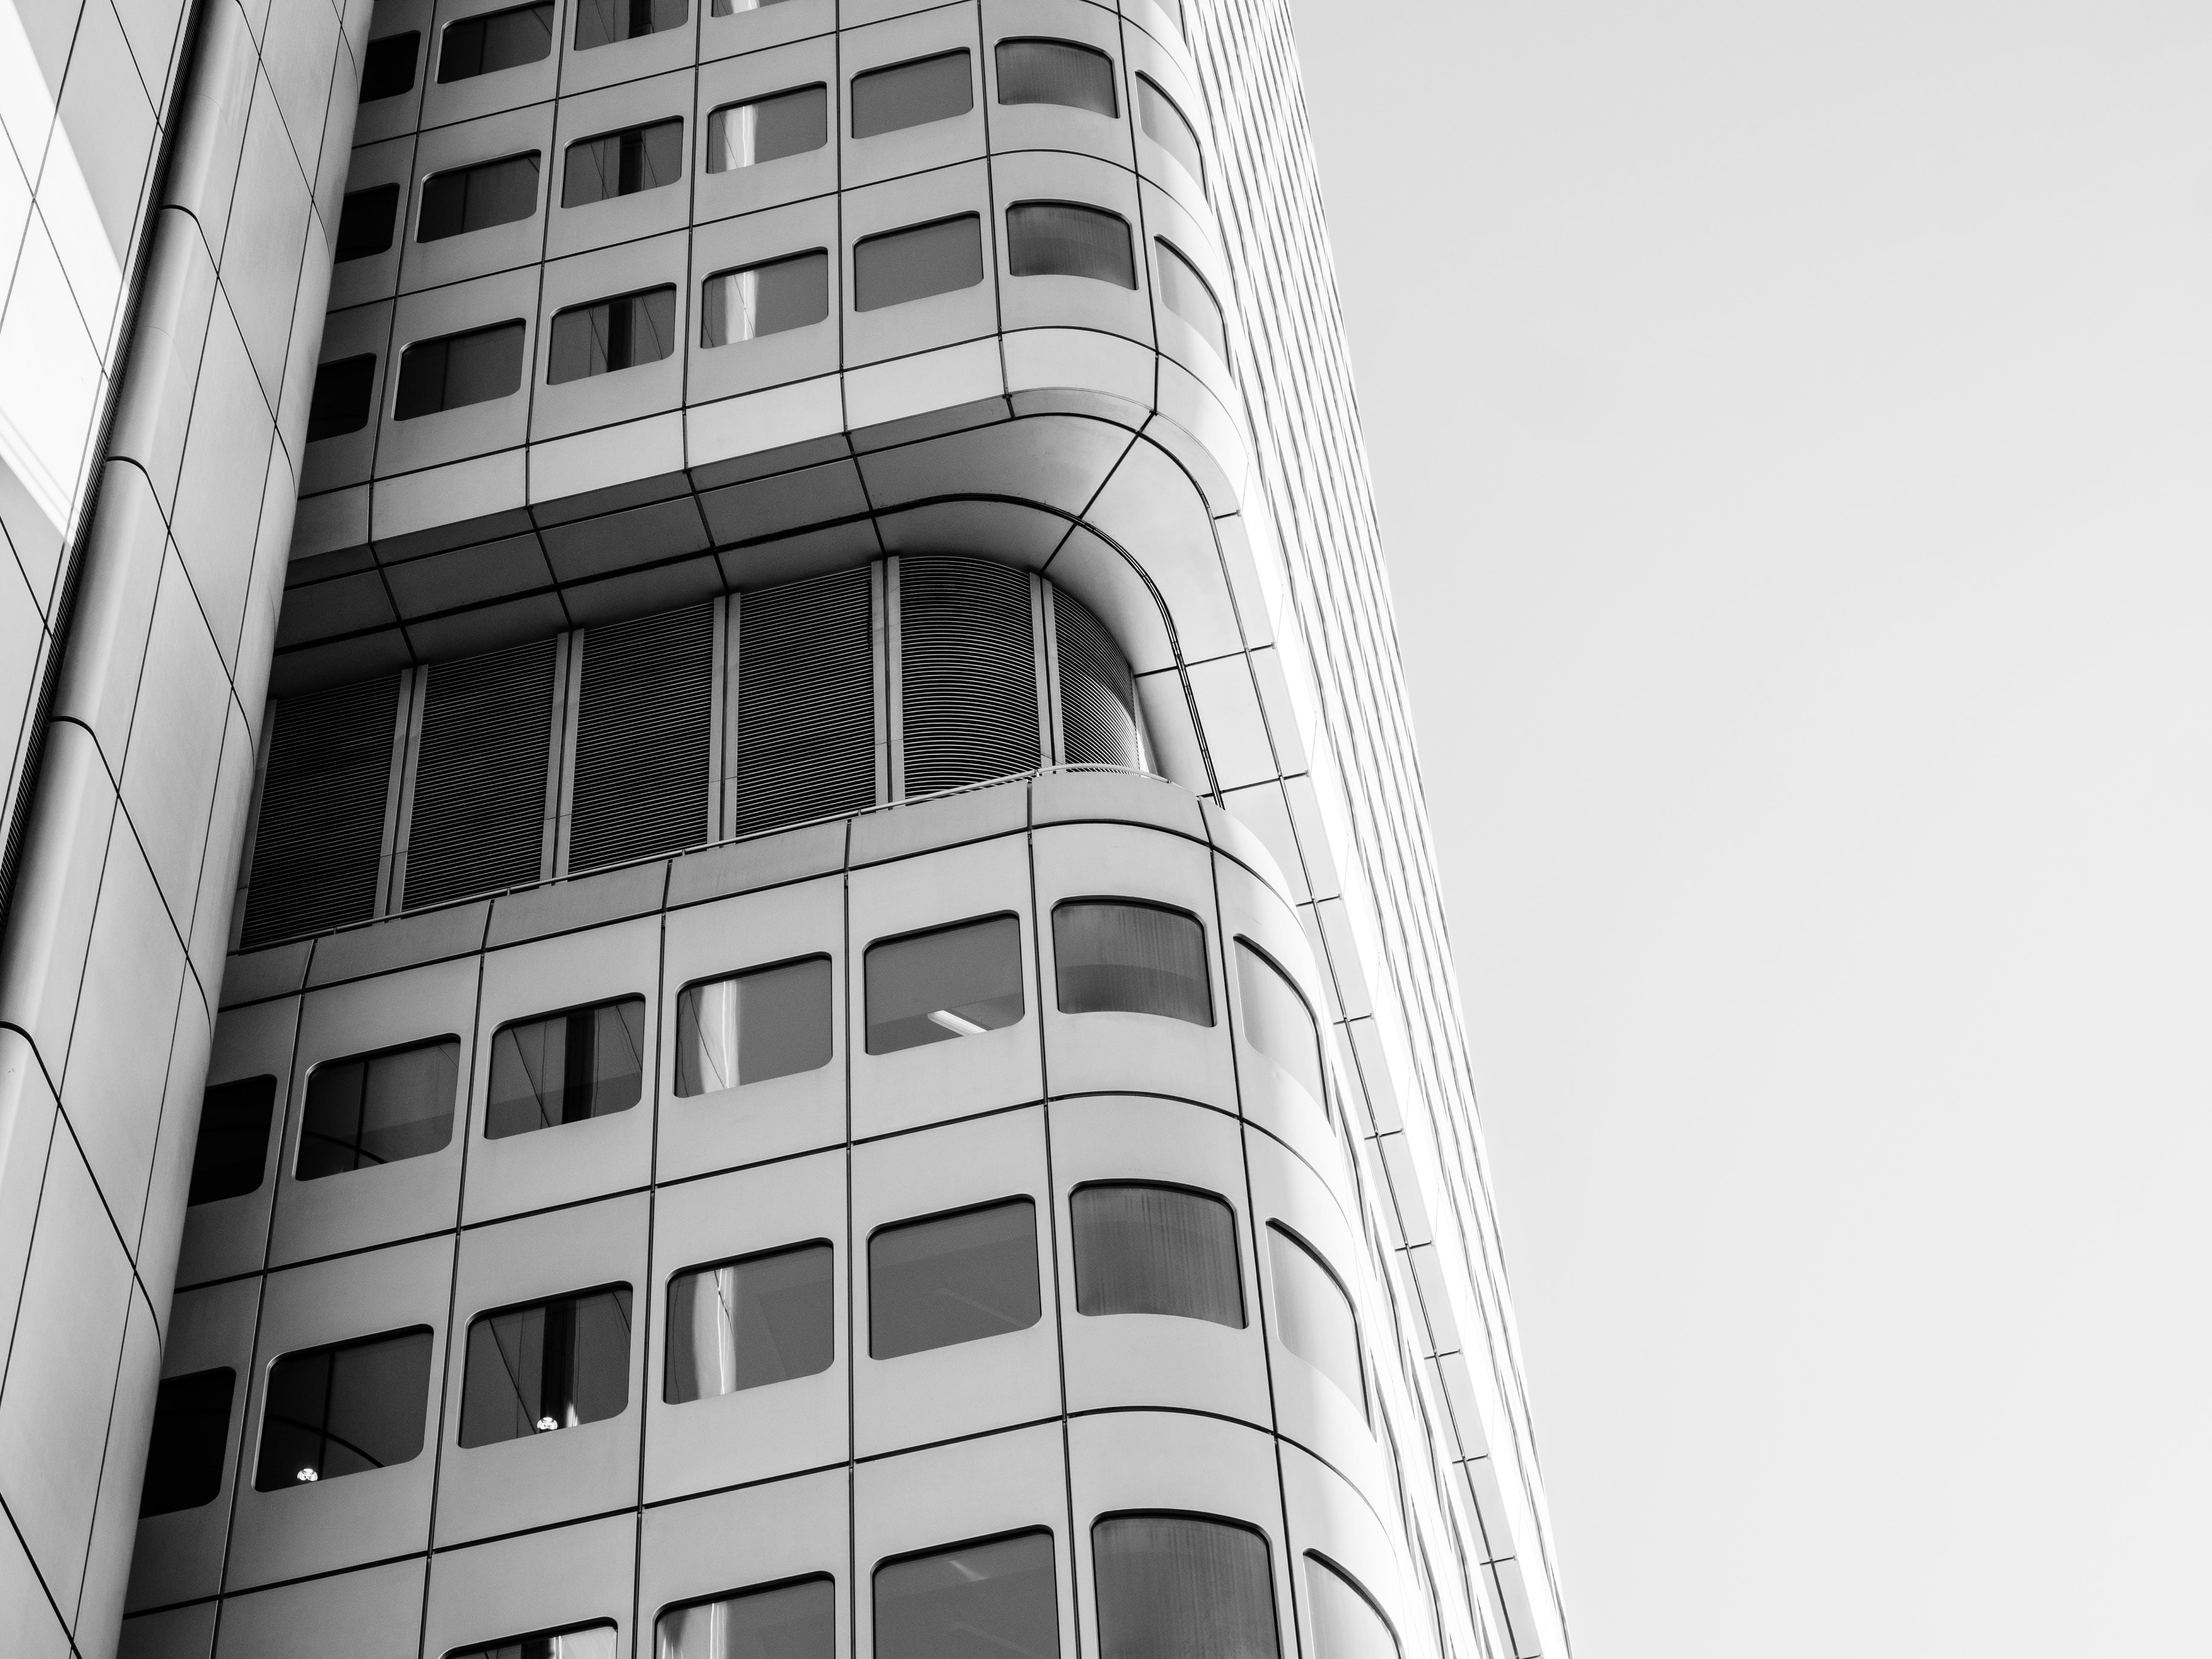 Foto d'estoc gratuïta de arquitectura, ciutat, disseny arquitectònic, edifici